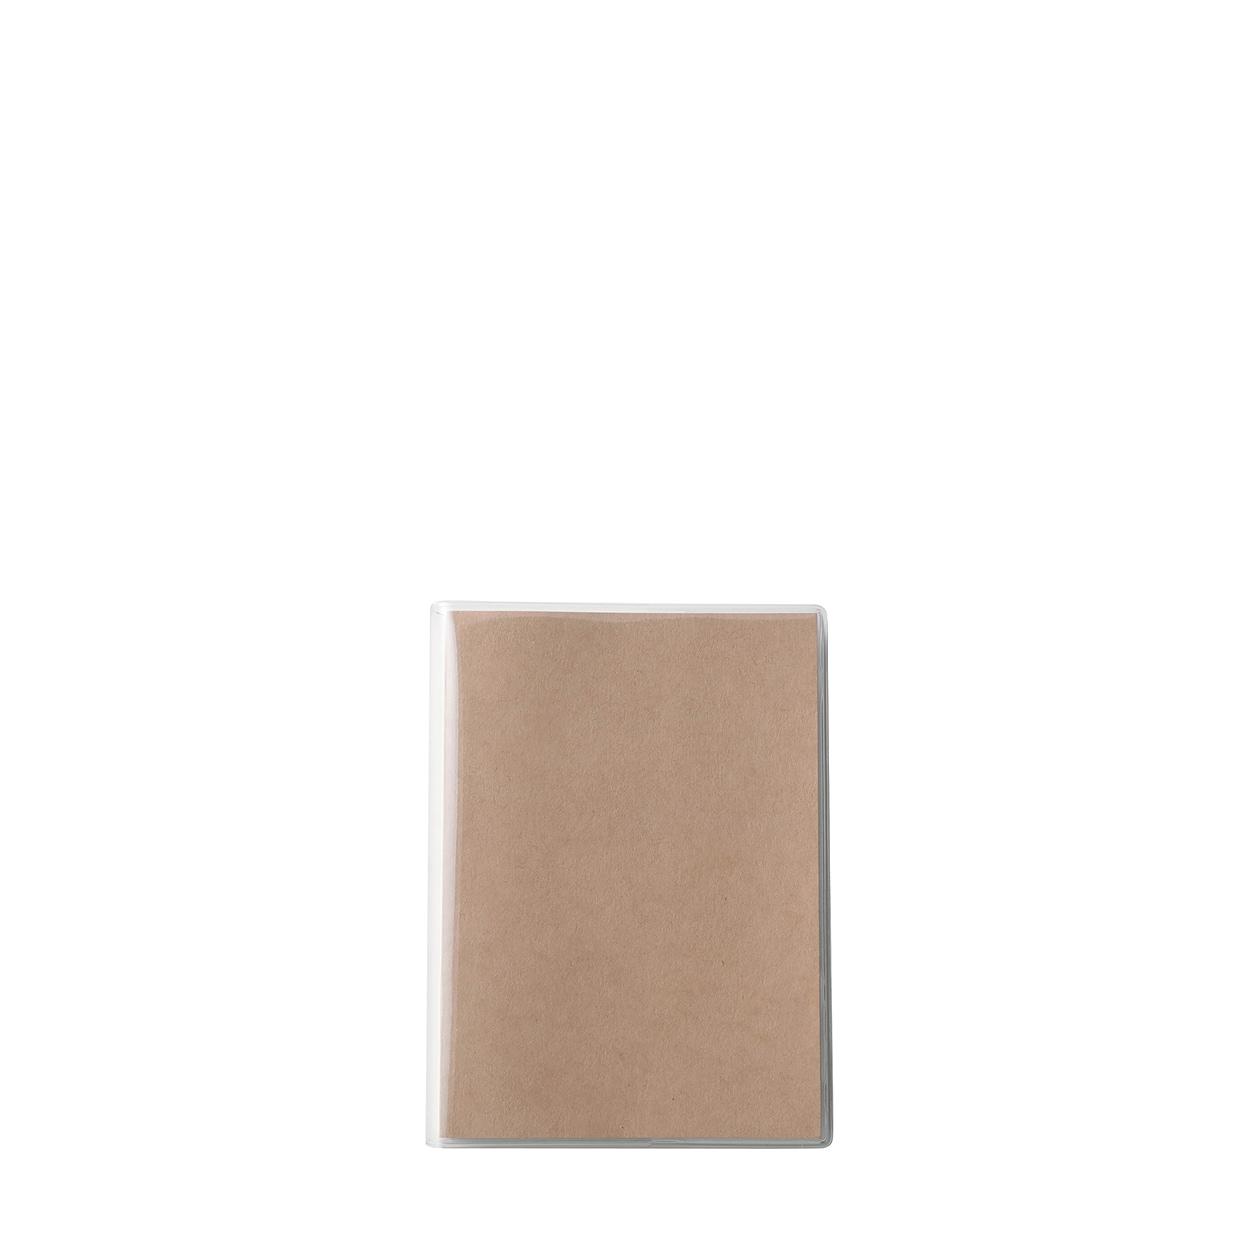 無印良品 上質紙1日1ページノート